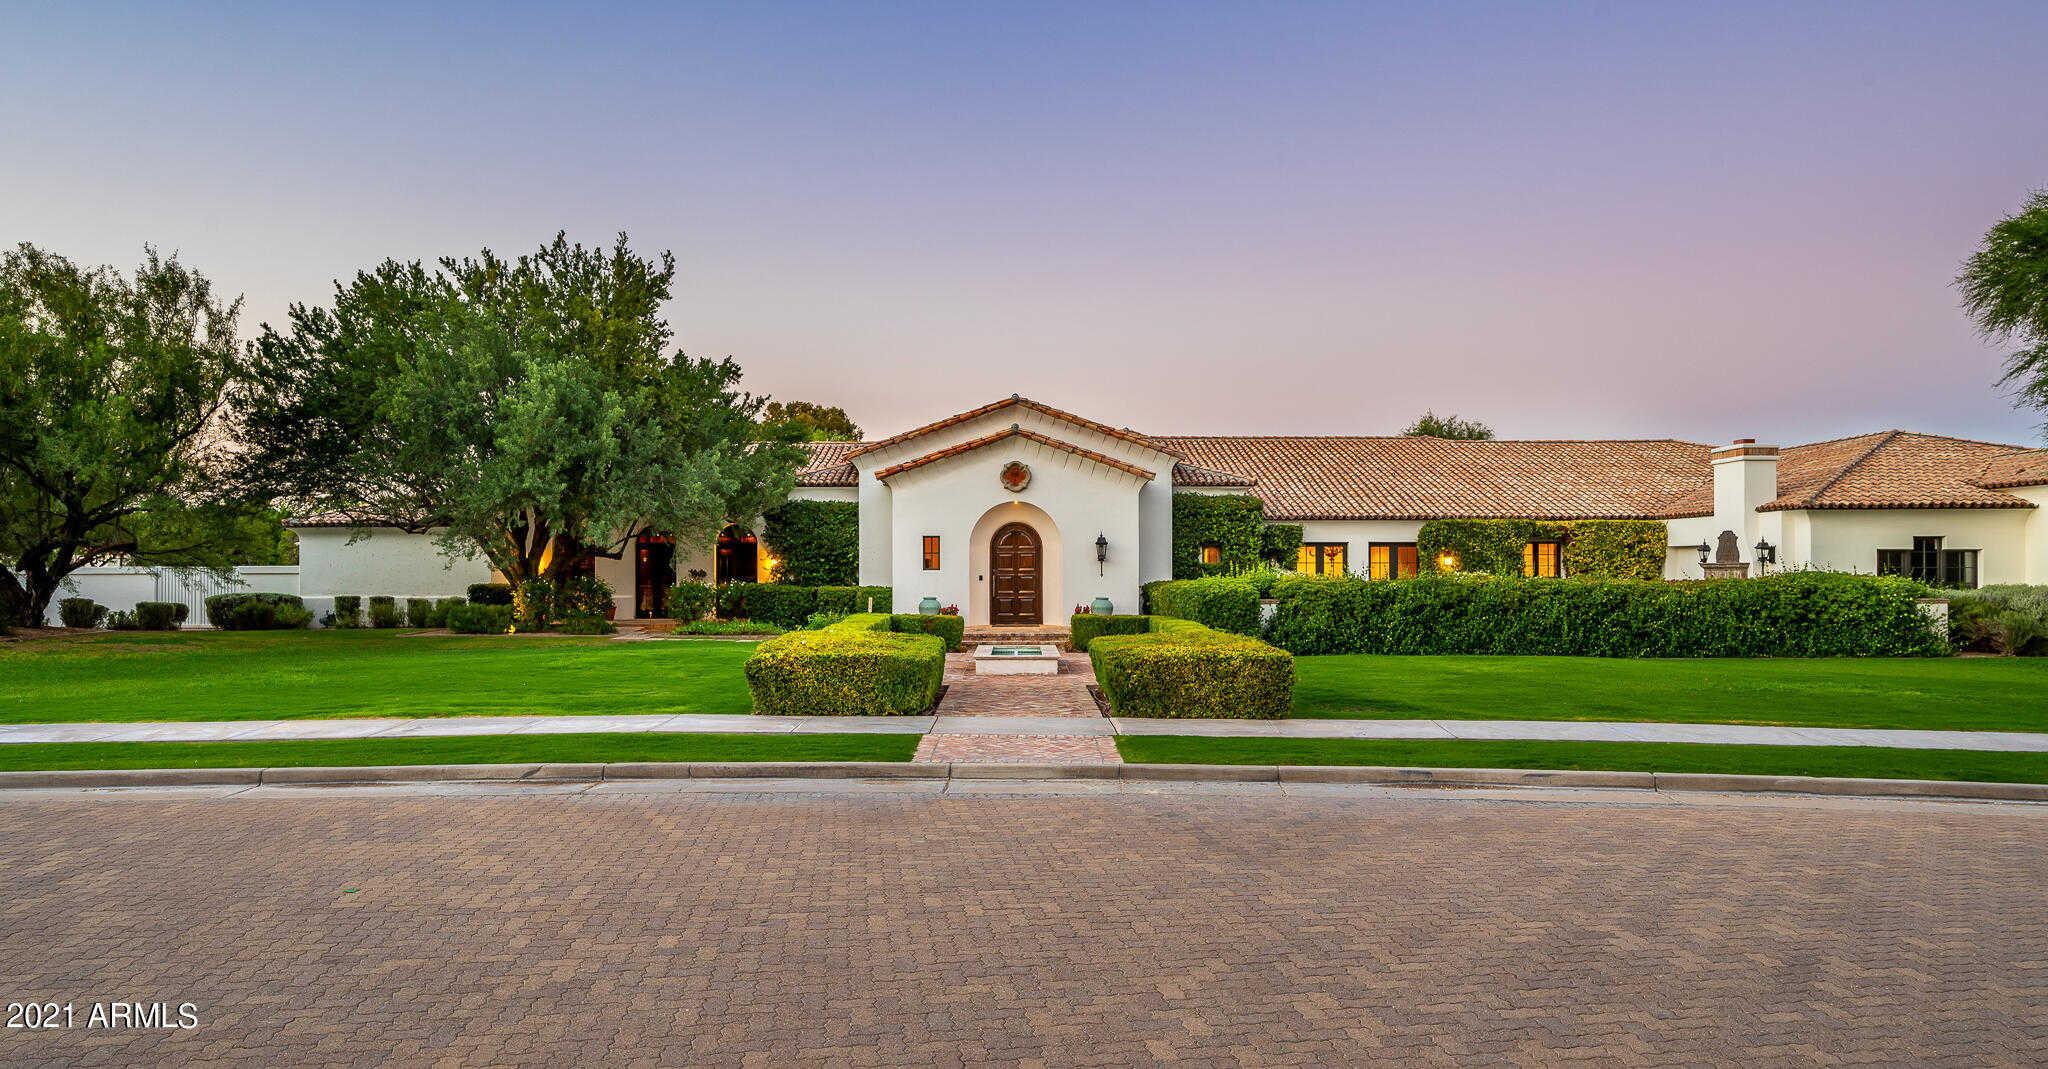 $6,400,000 - 4Br/8Ba - Home for Sale in Elmaro Estates, Paradise Valley